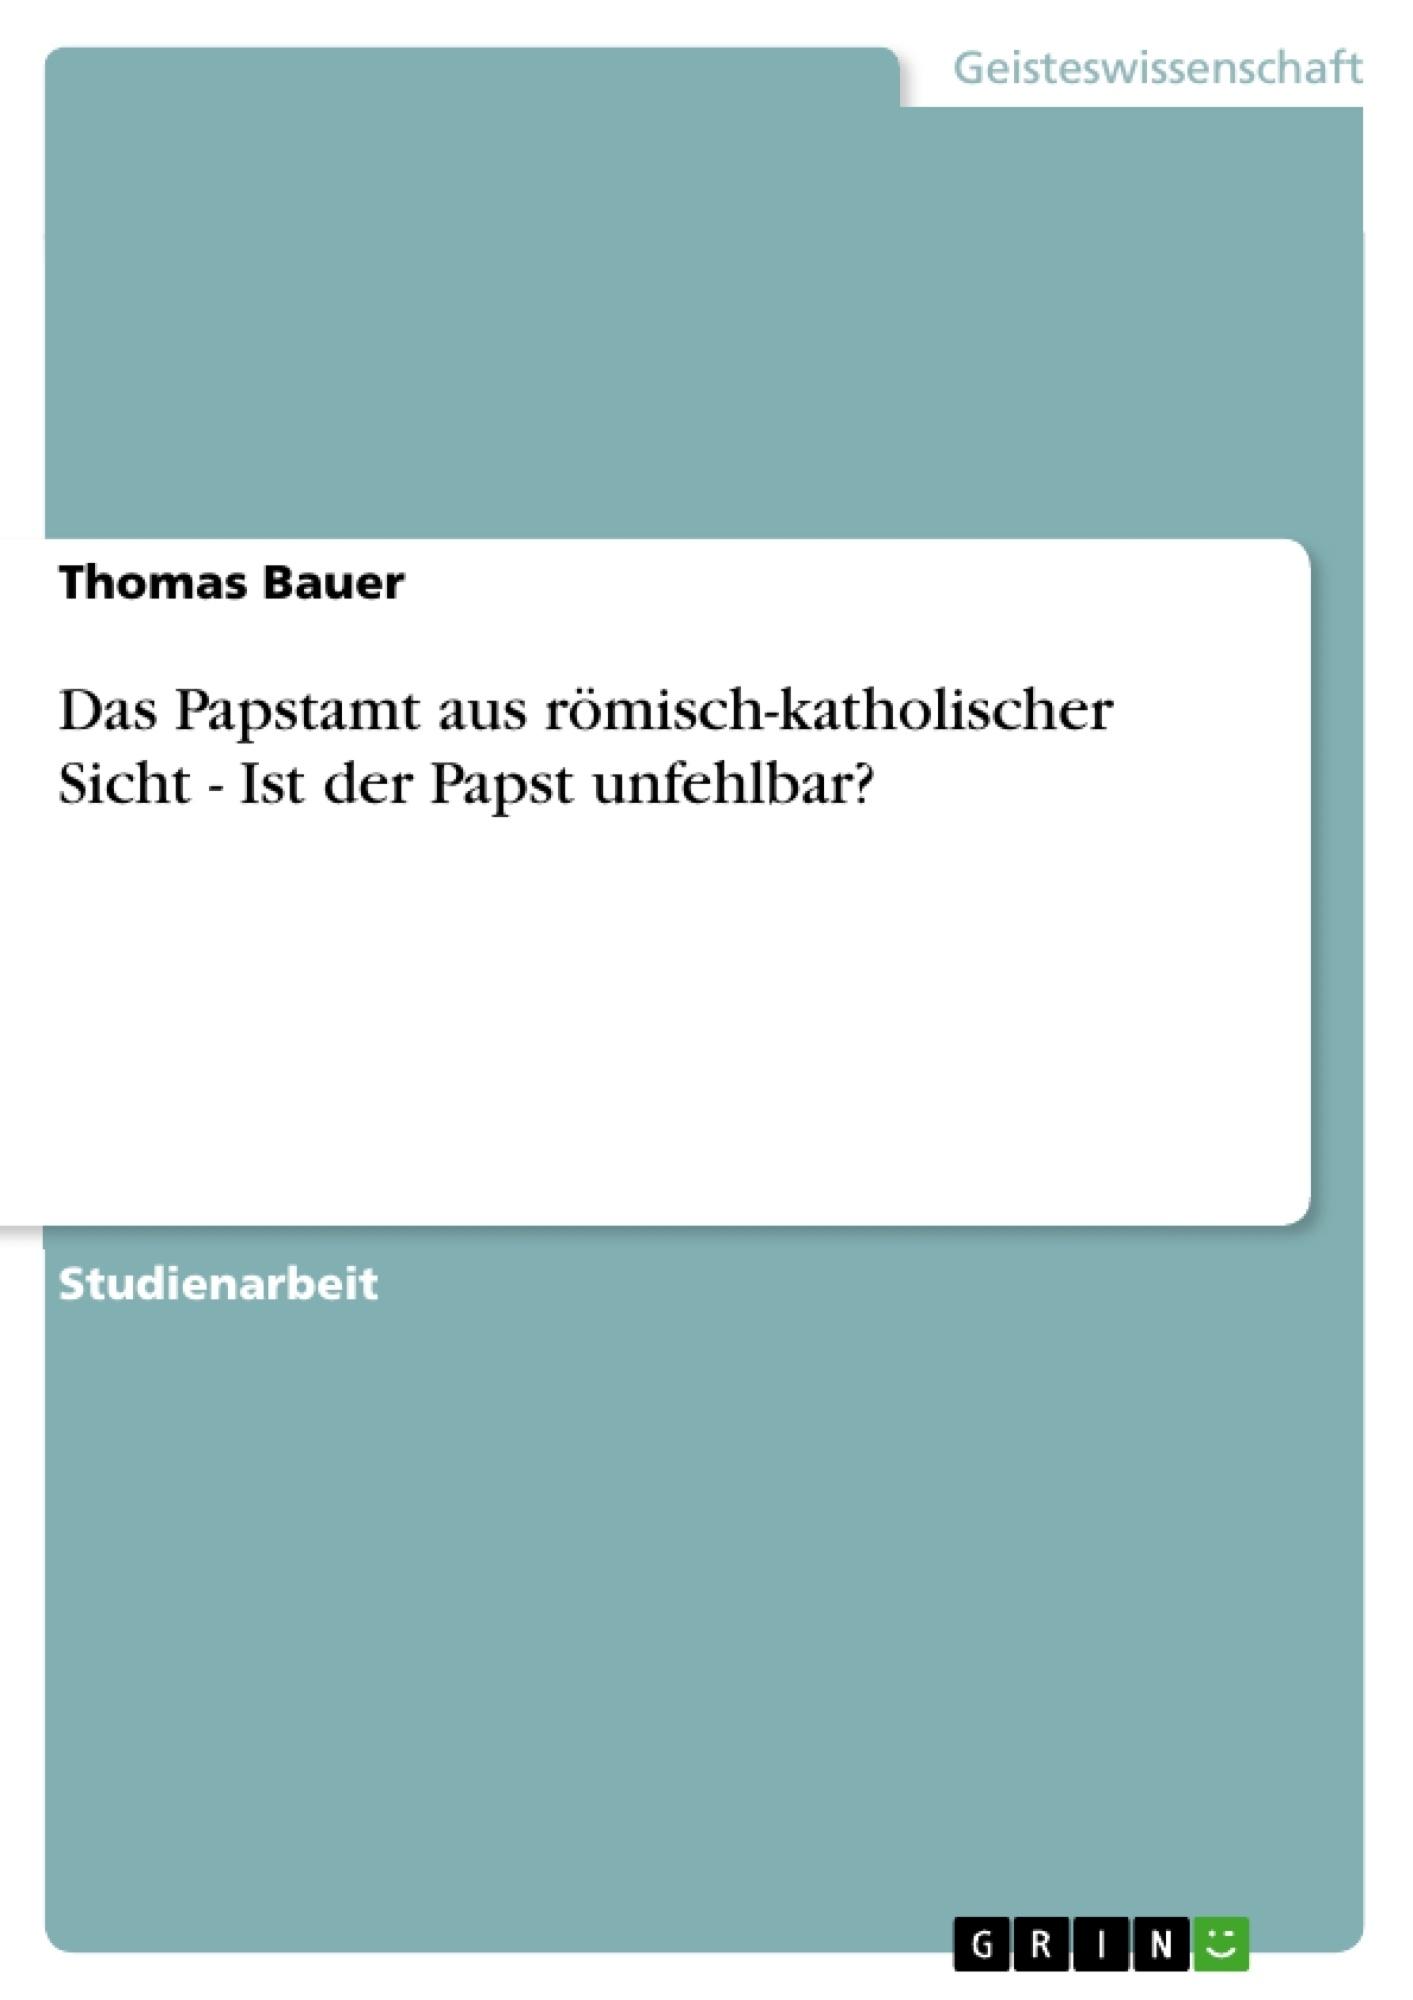 Titel: Das Papstamt aus römisch-katholischer Sicht - Ist der Papst unfehlbar?